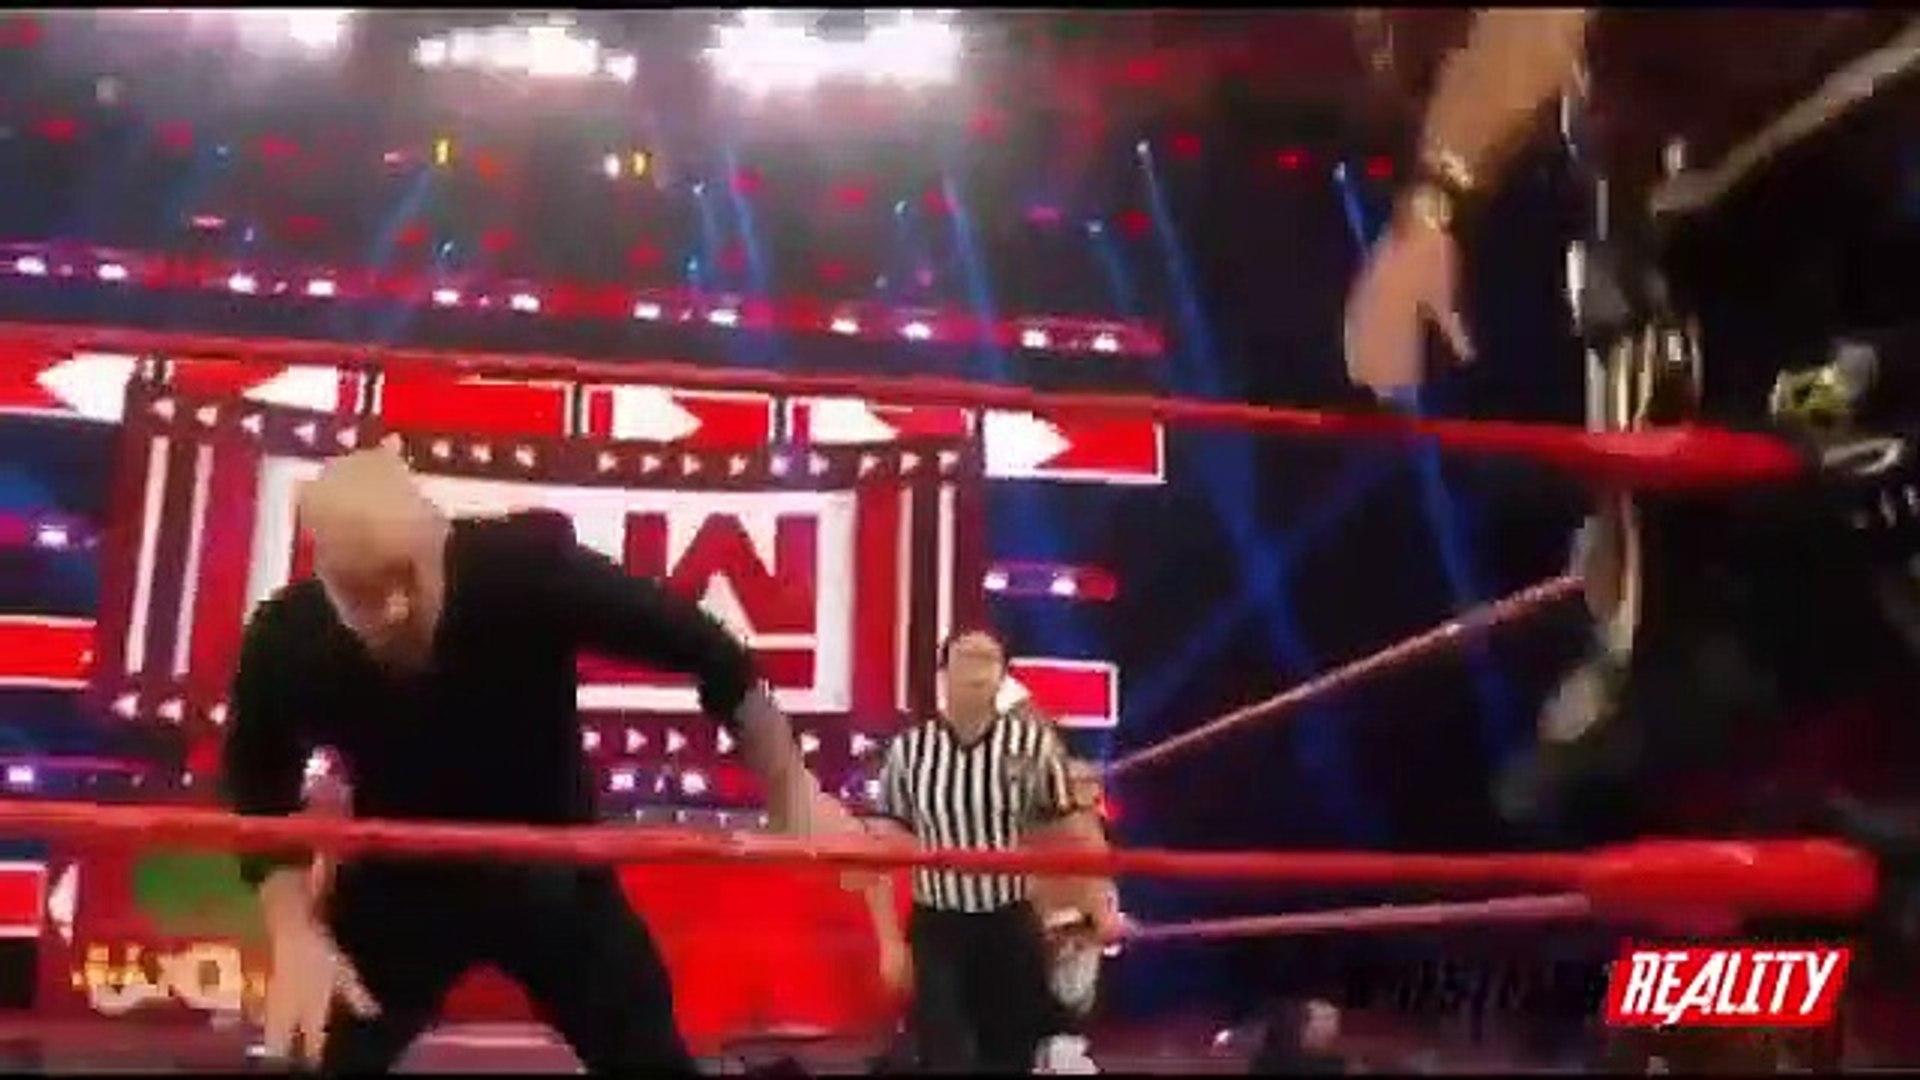 WWE RAW Full Highlights 6 May 2019 HD - WWE Monday Night RAW 6 May 2019 Highlights HD